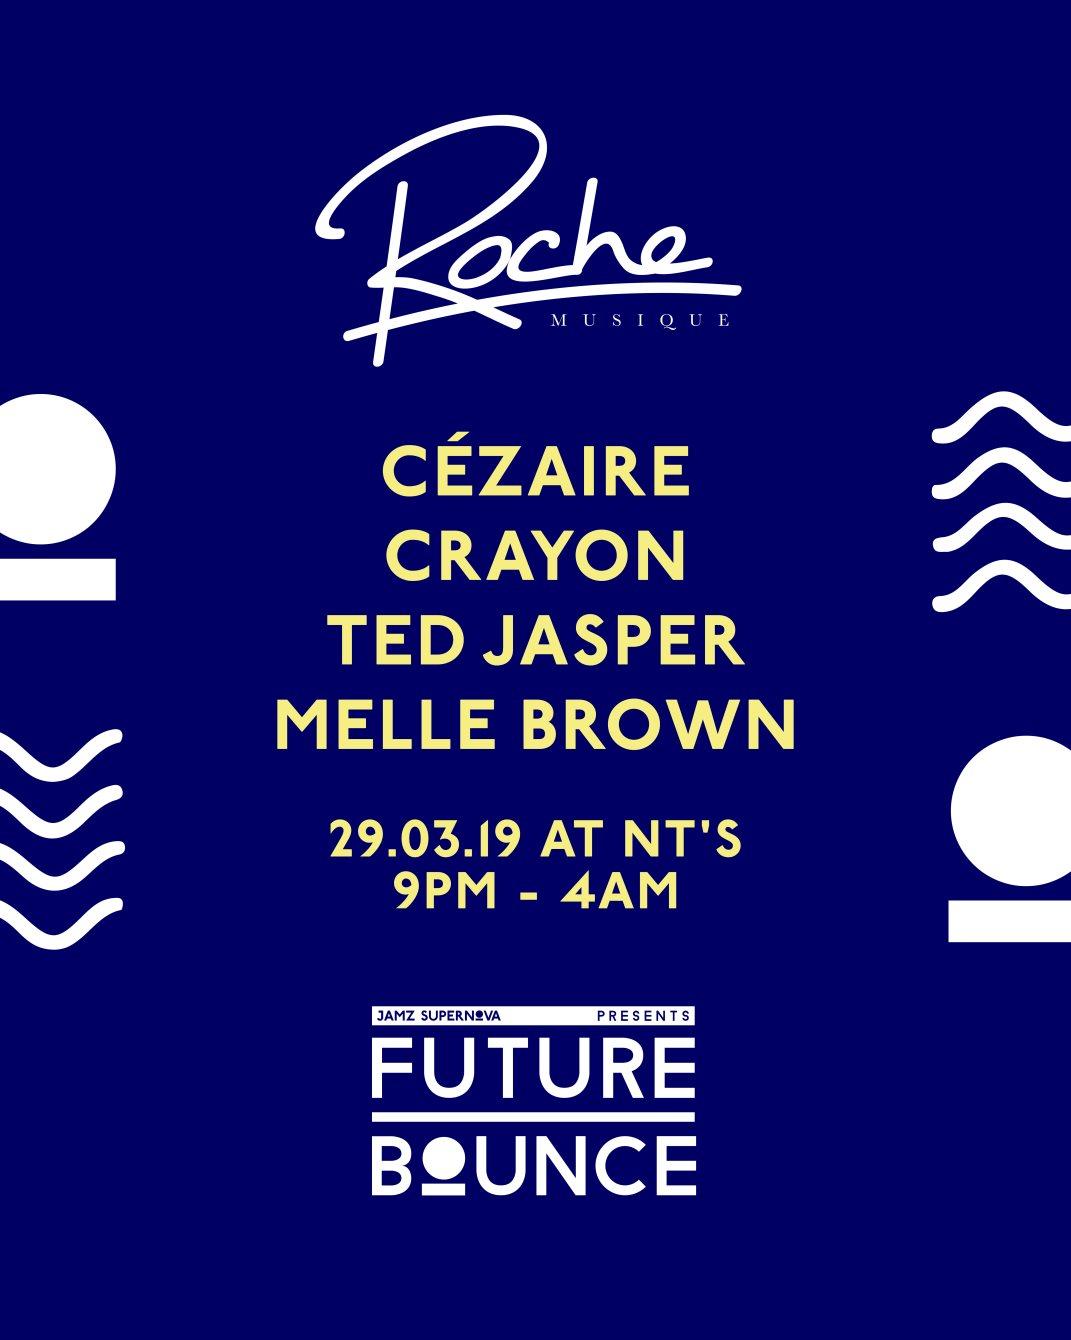 Future Bounce presents Roche Musique